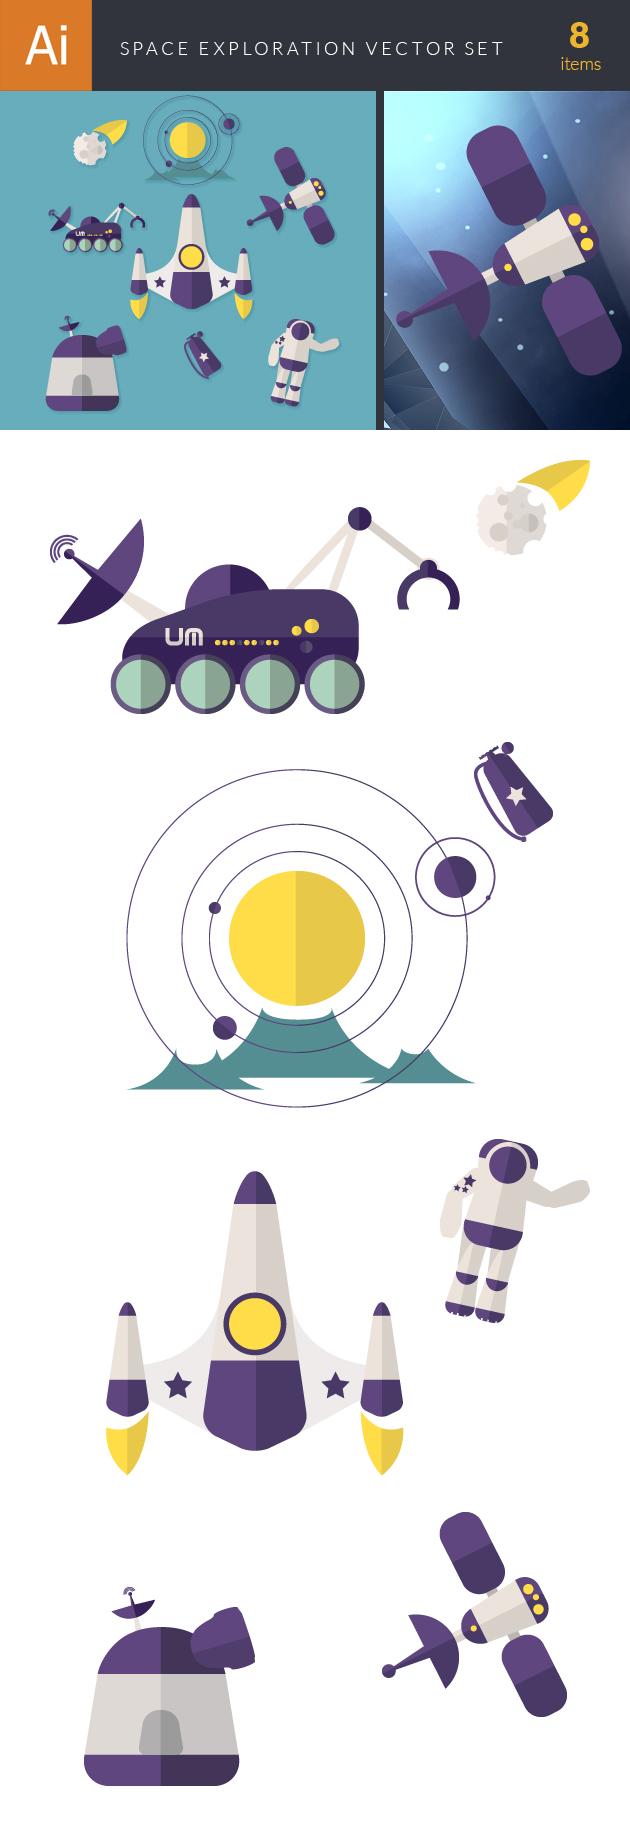 space exploration clipart - photo #19